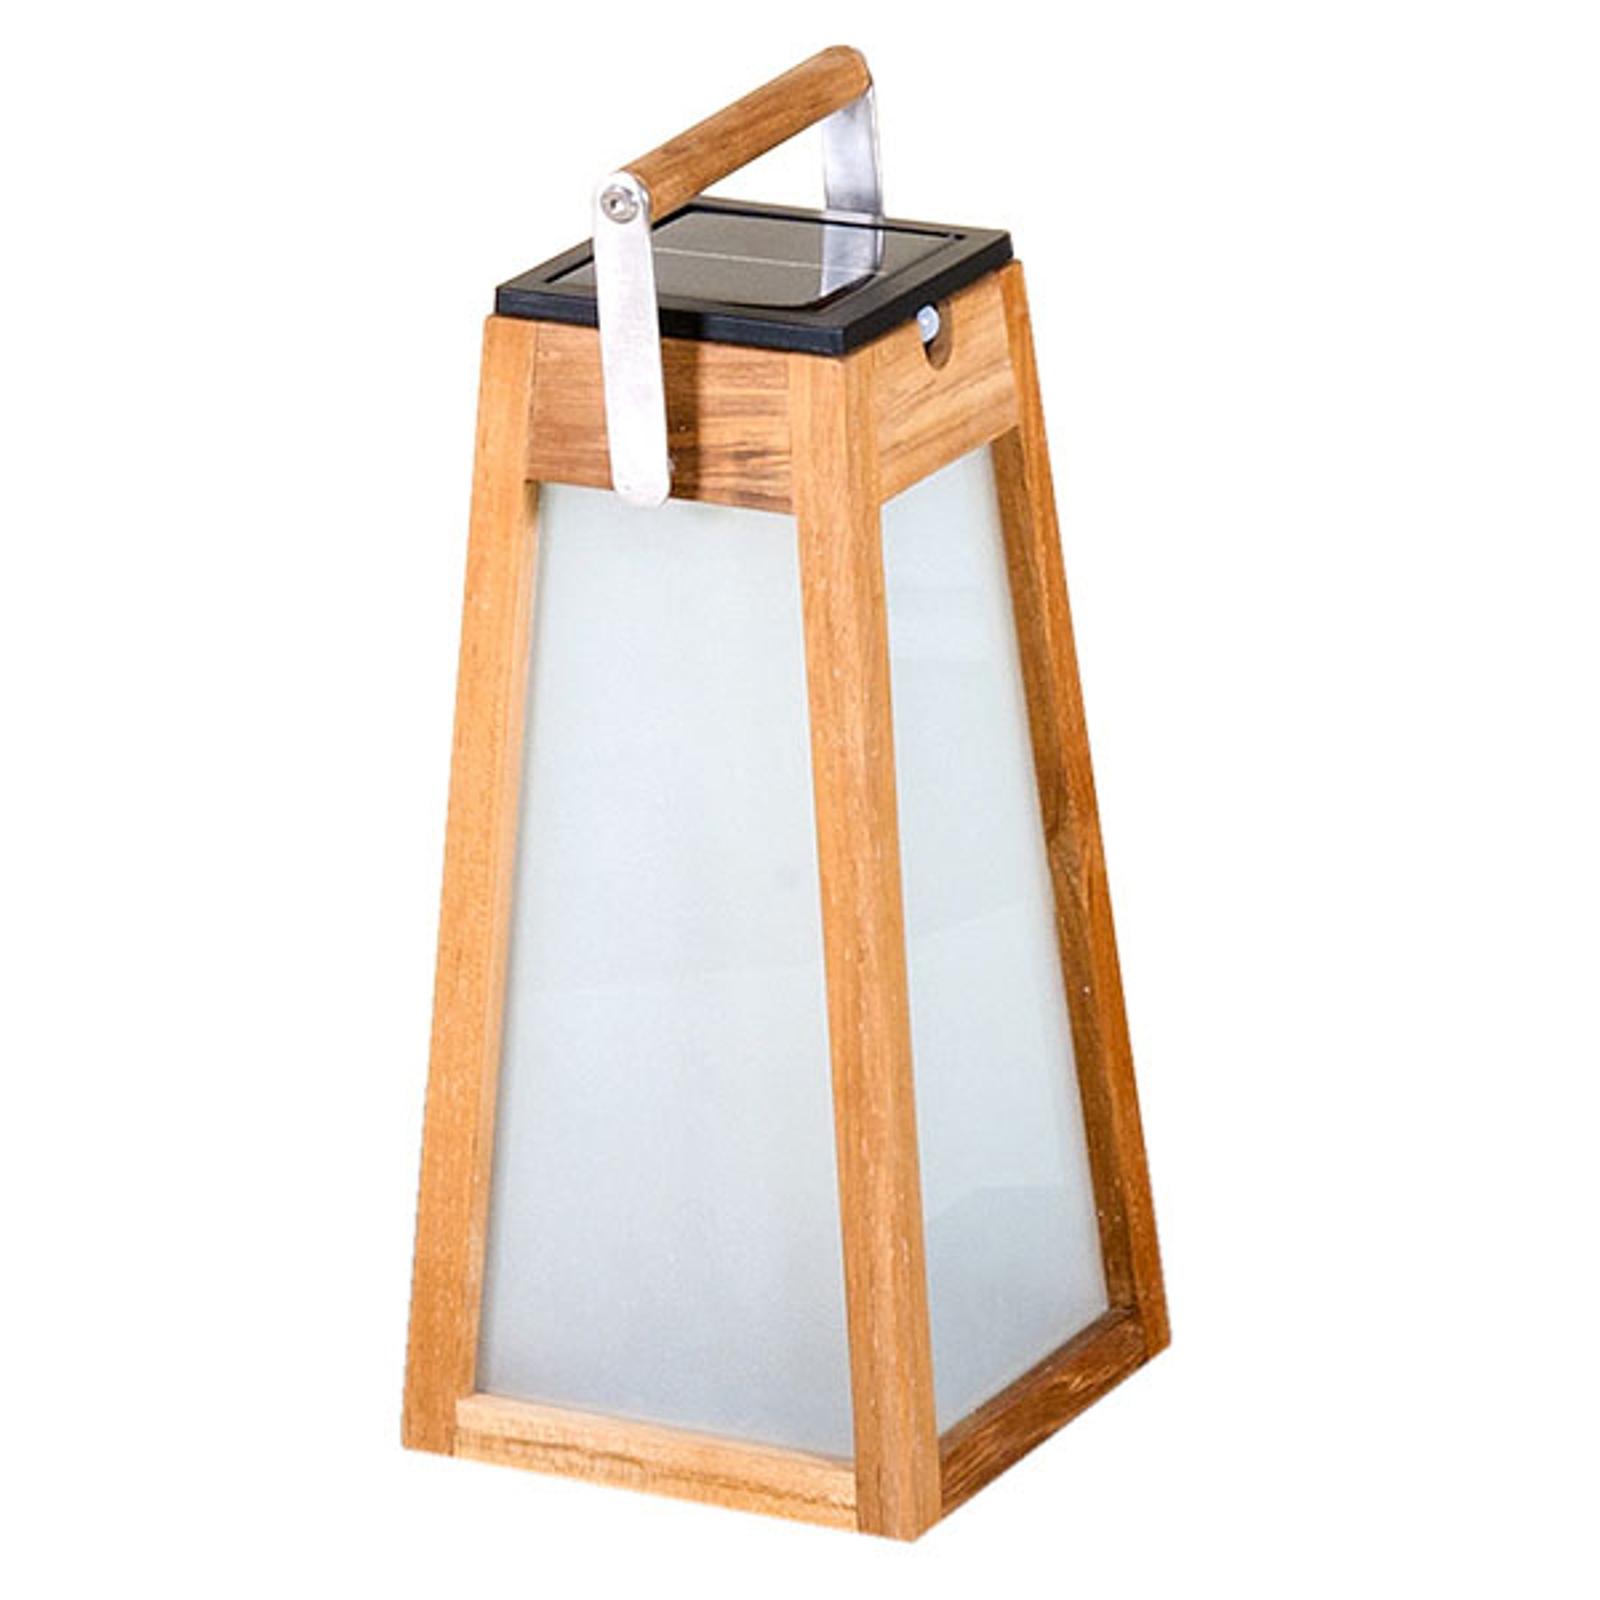 LED-Solarlaterne Tecka, Sensor, teak, 38,8 cm